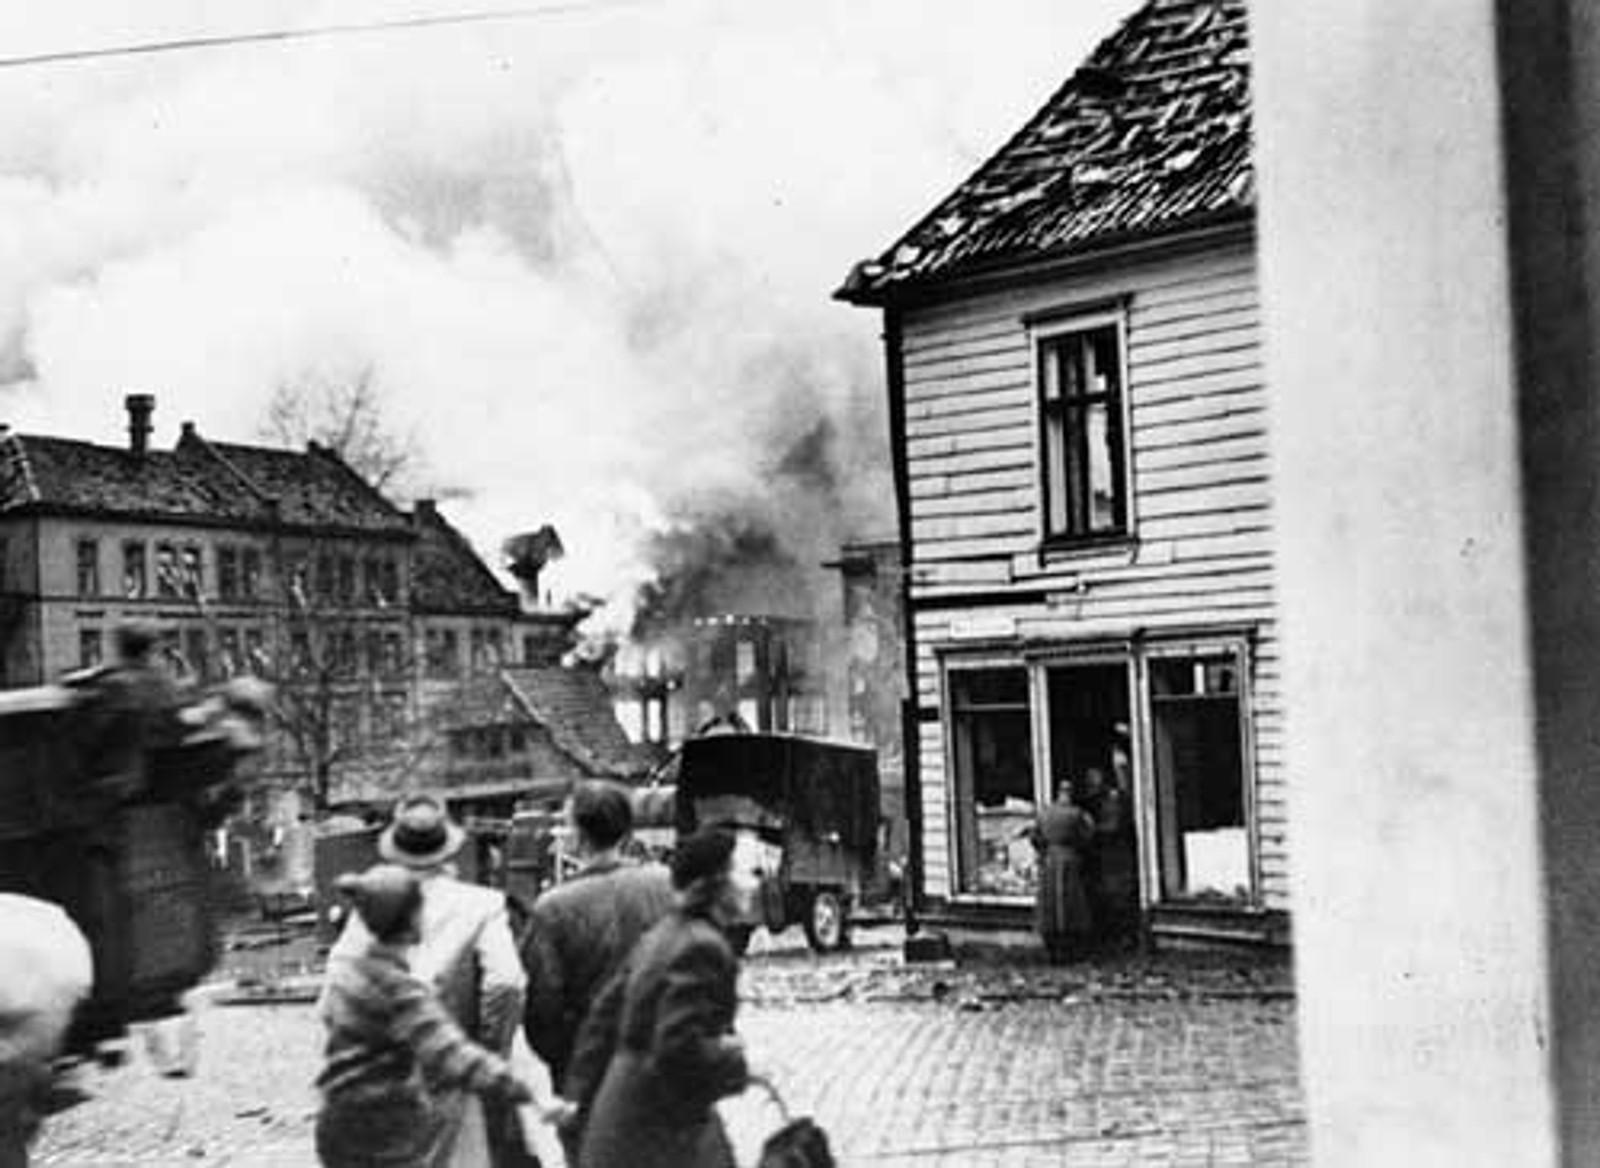 BOMBING PÅ NORDNES: Folk løper i dekning mens tyske soldater plyndrer butikkene.